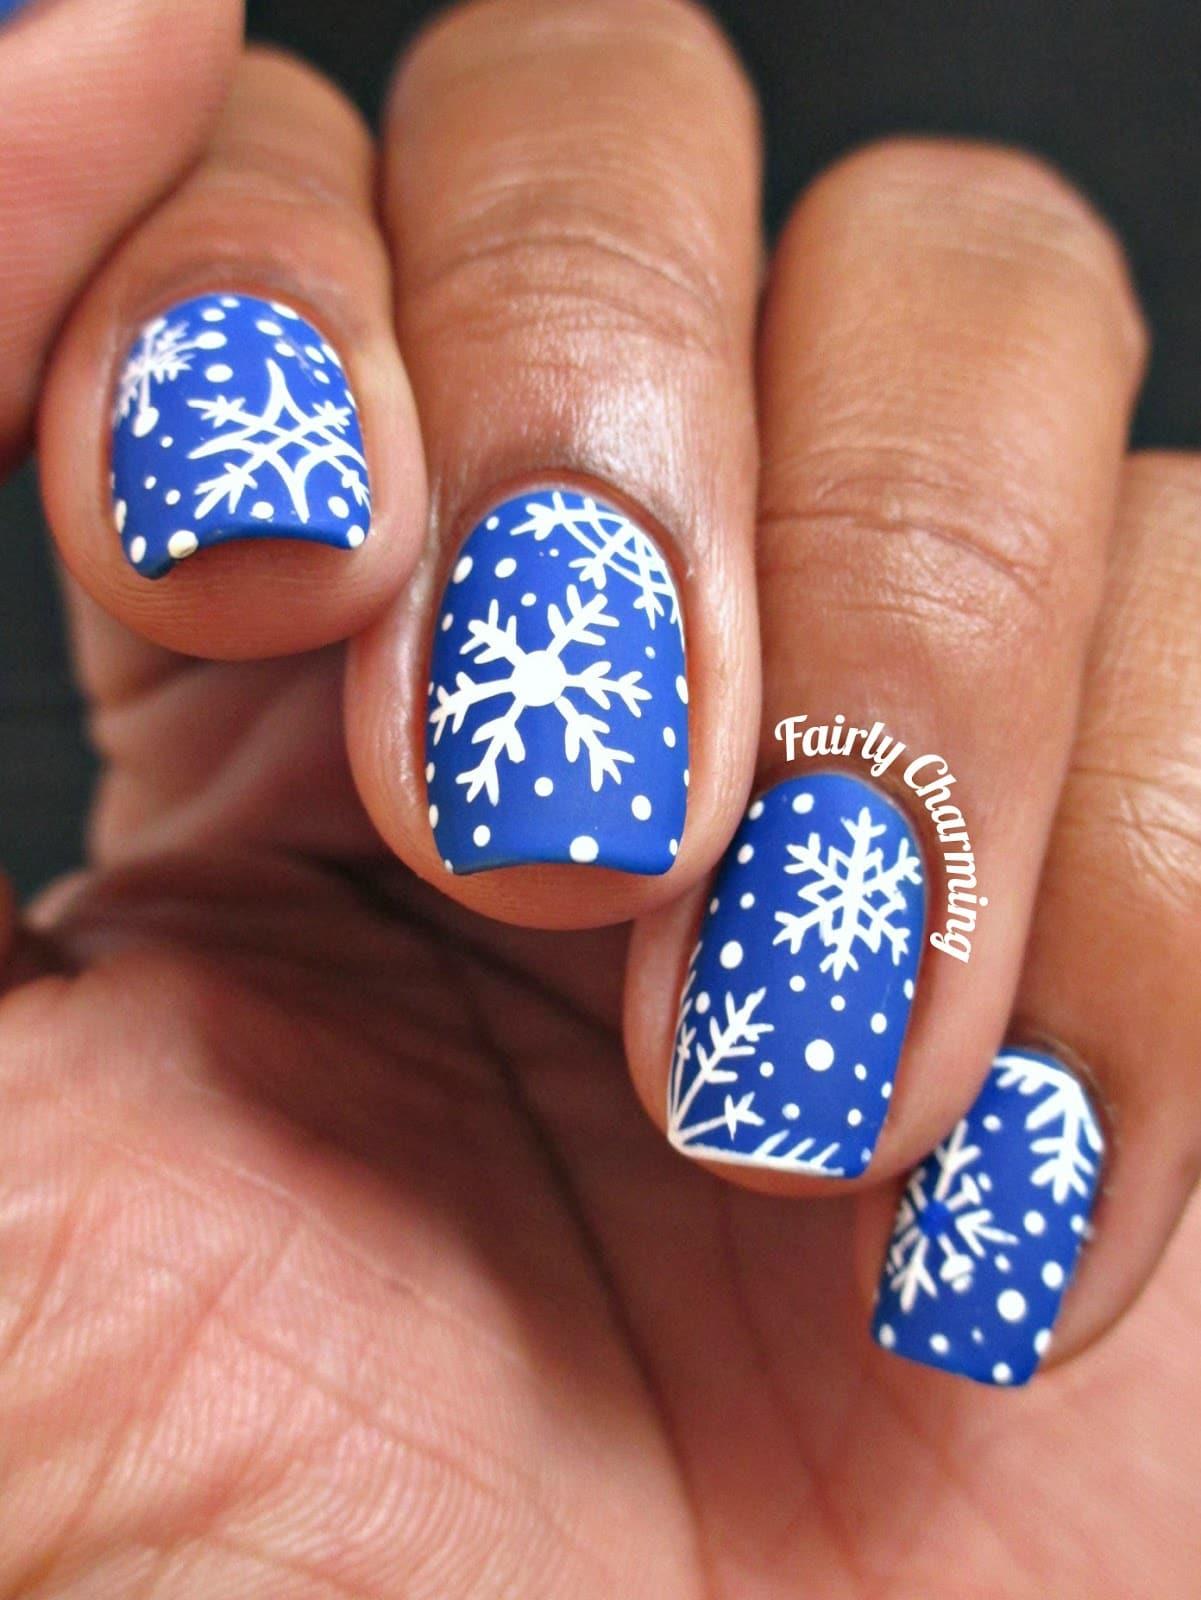 Christmas-nail-art-1-about-beauty